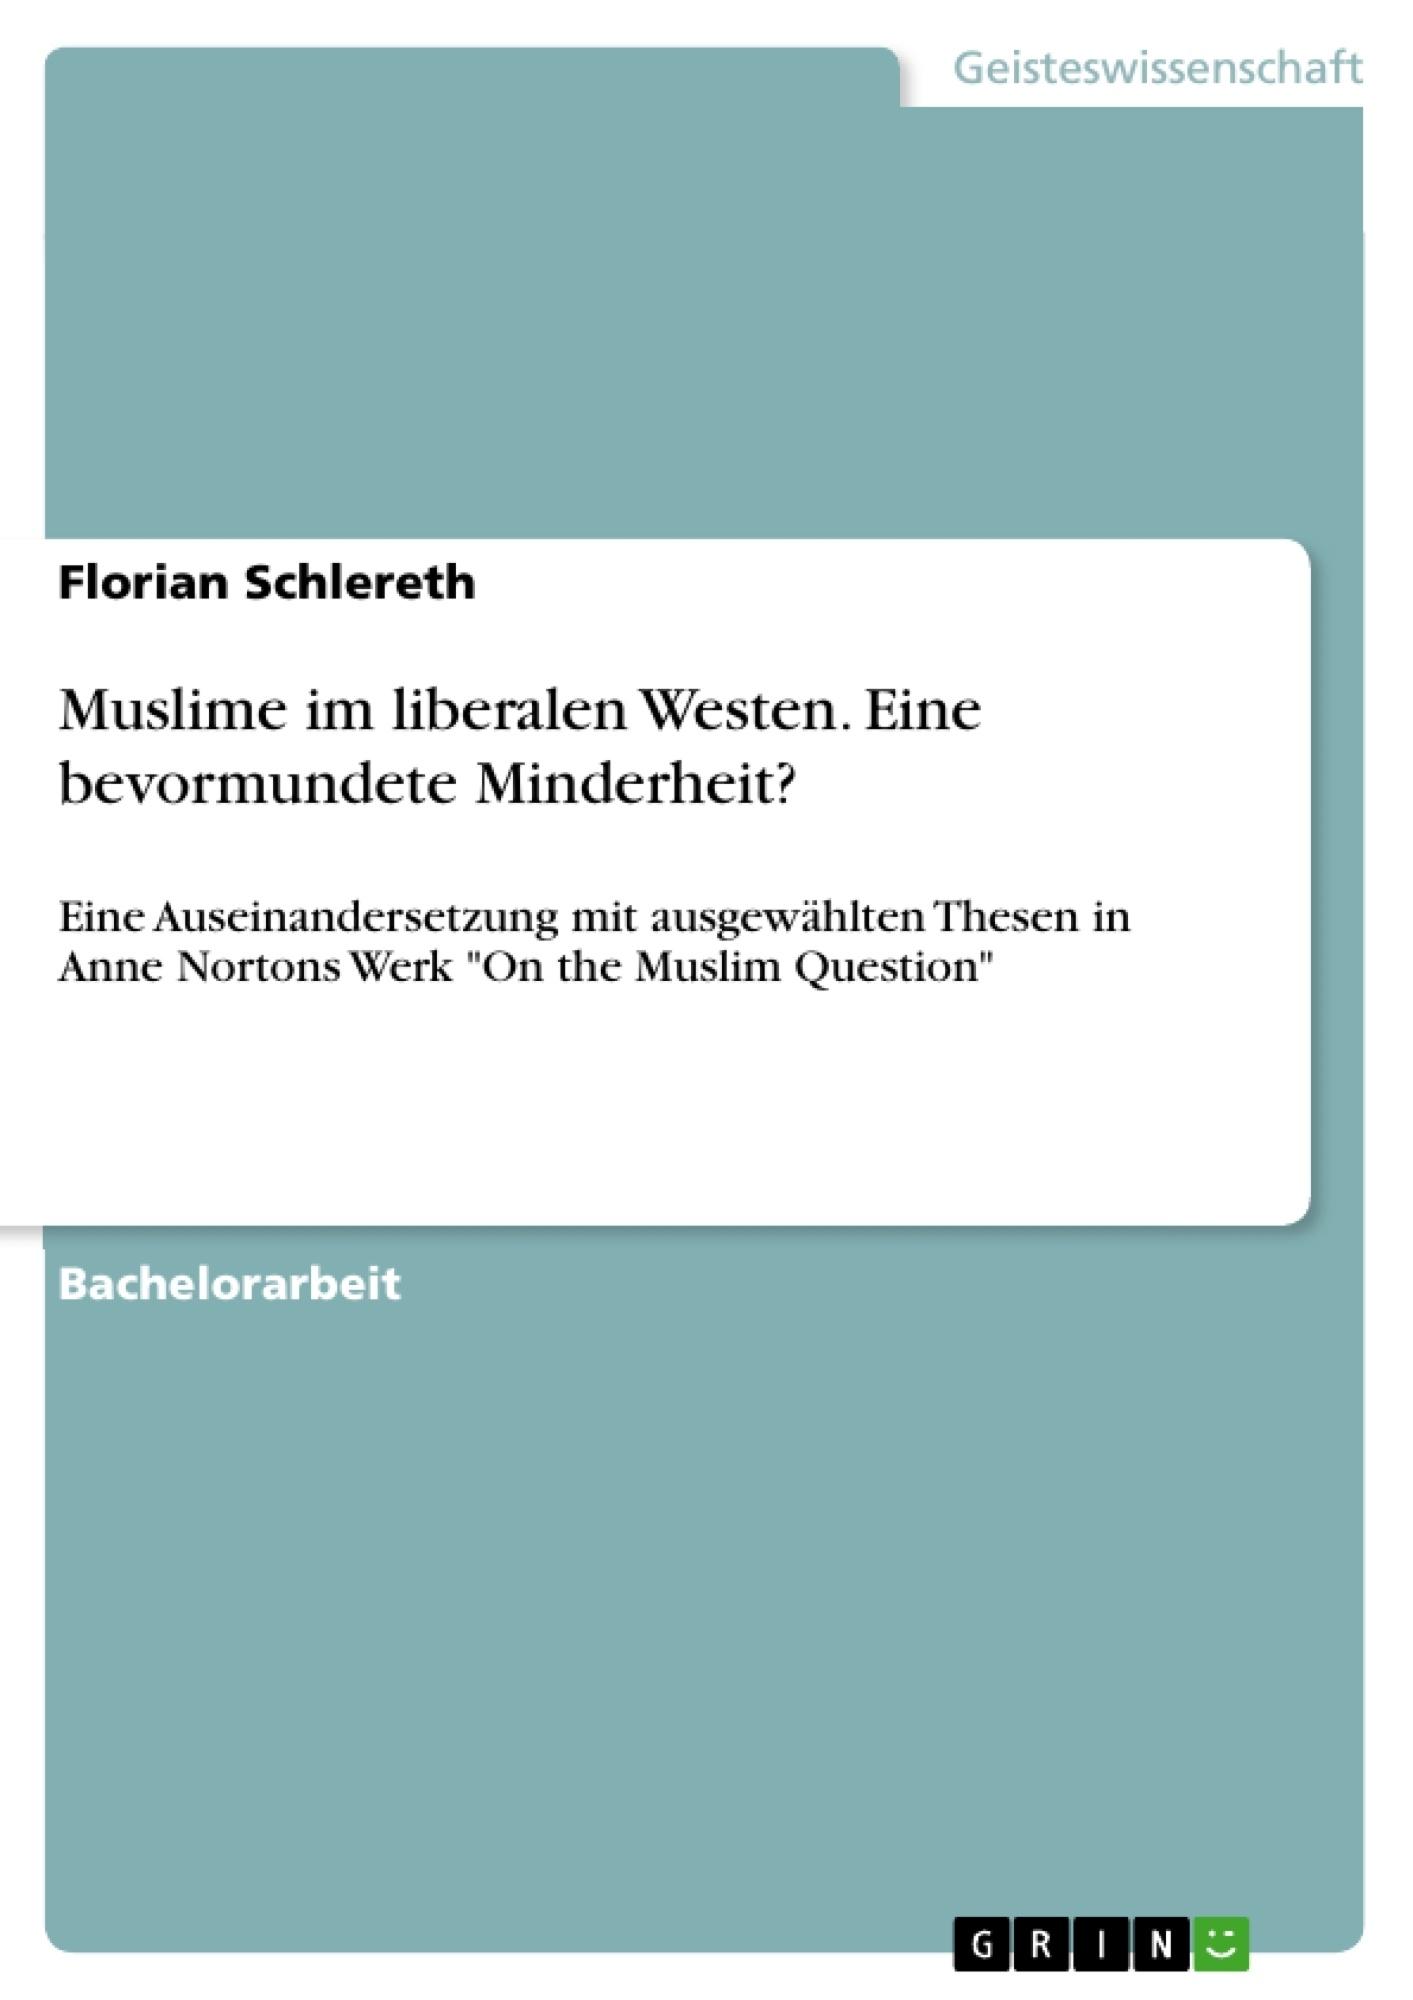 Titel: Muslime im liberalen Westen. Eine bevormundete Minderheit?